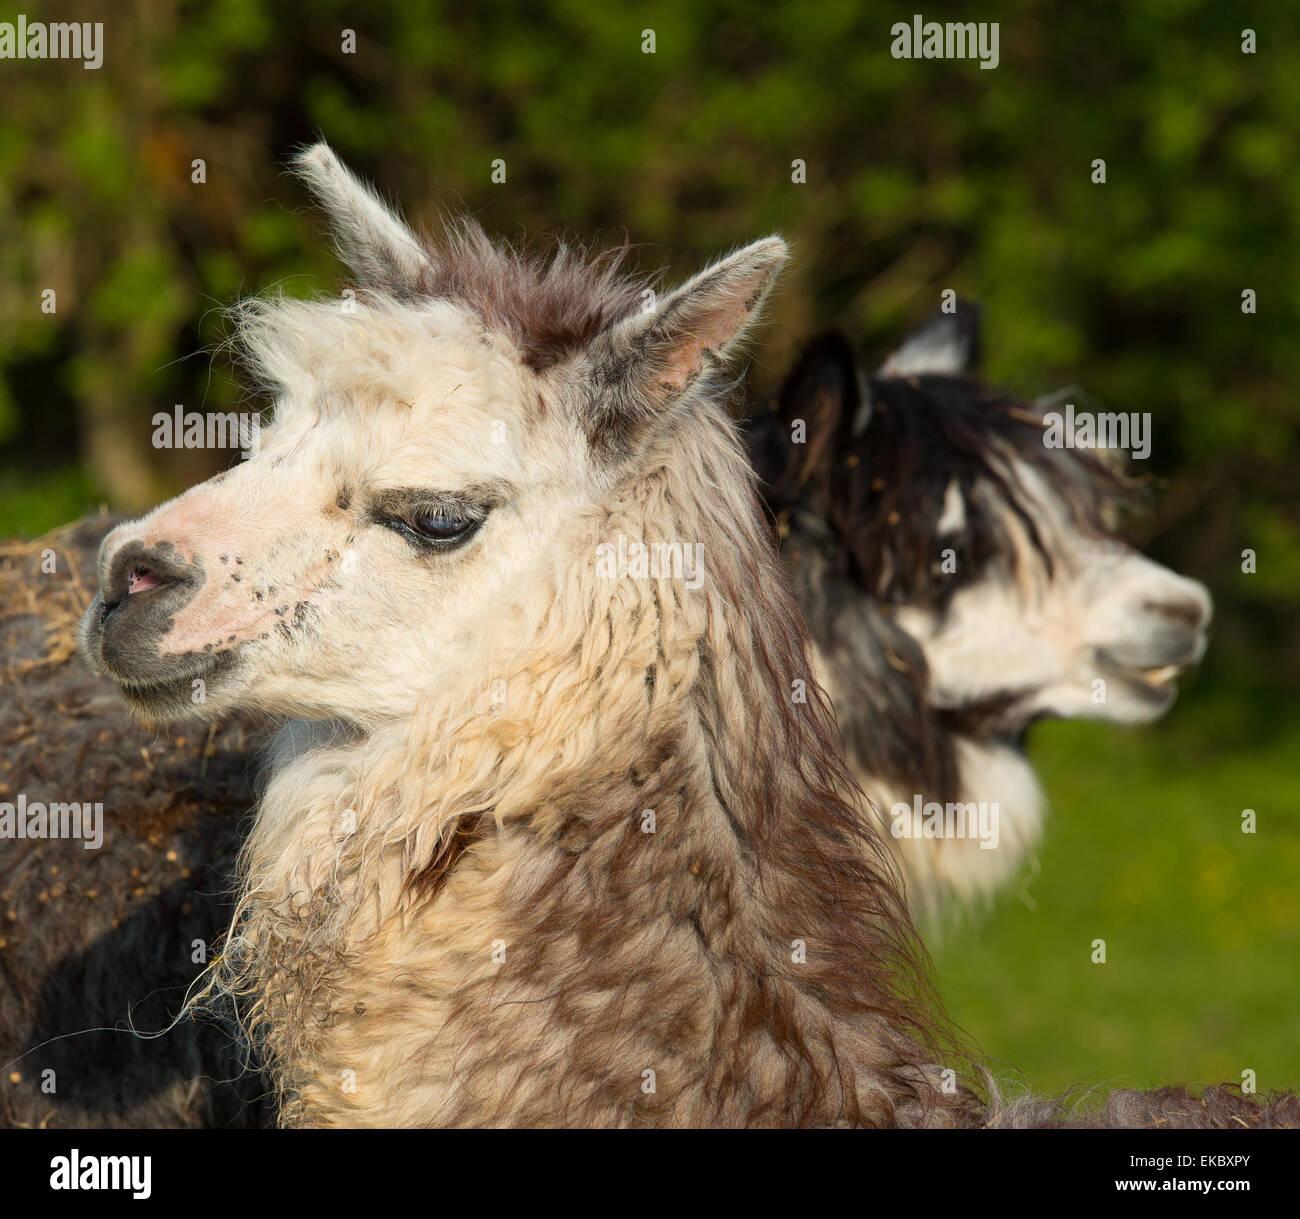 Due Alpaca nel profilo con la testa e il viso, assomiglia a piccole llama con casacca utilizzata per la lana e carino Immagini Stock